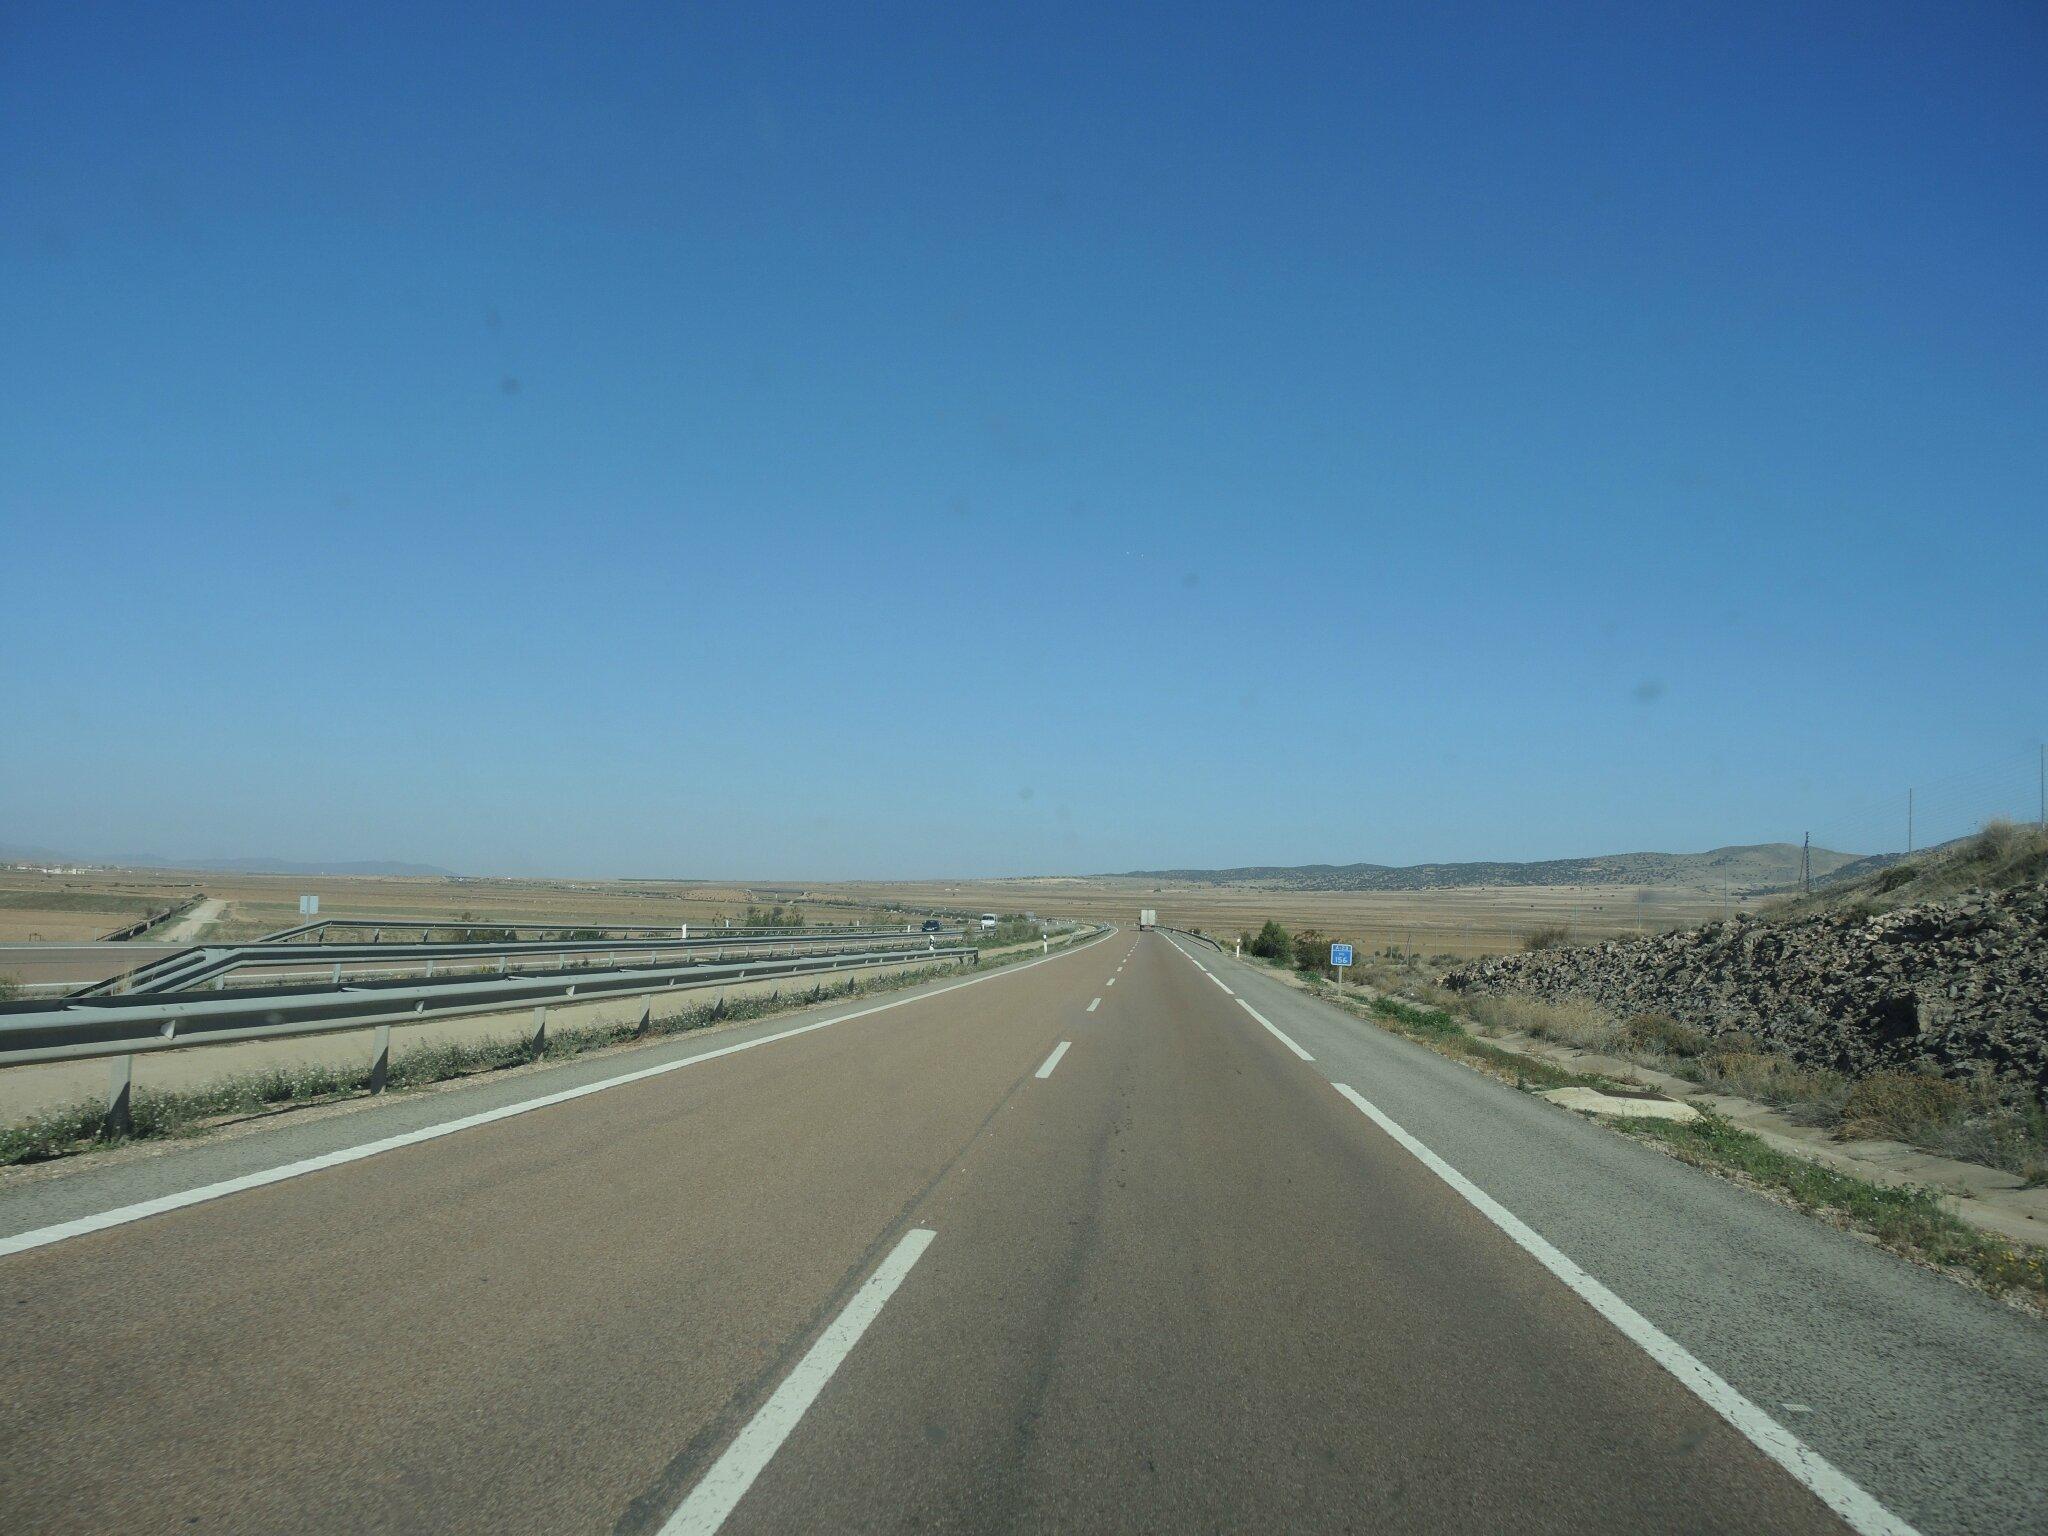 Autoroute espagnole, ligne droite en Aragon (Espagne)